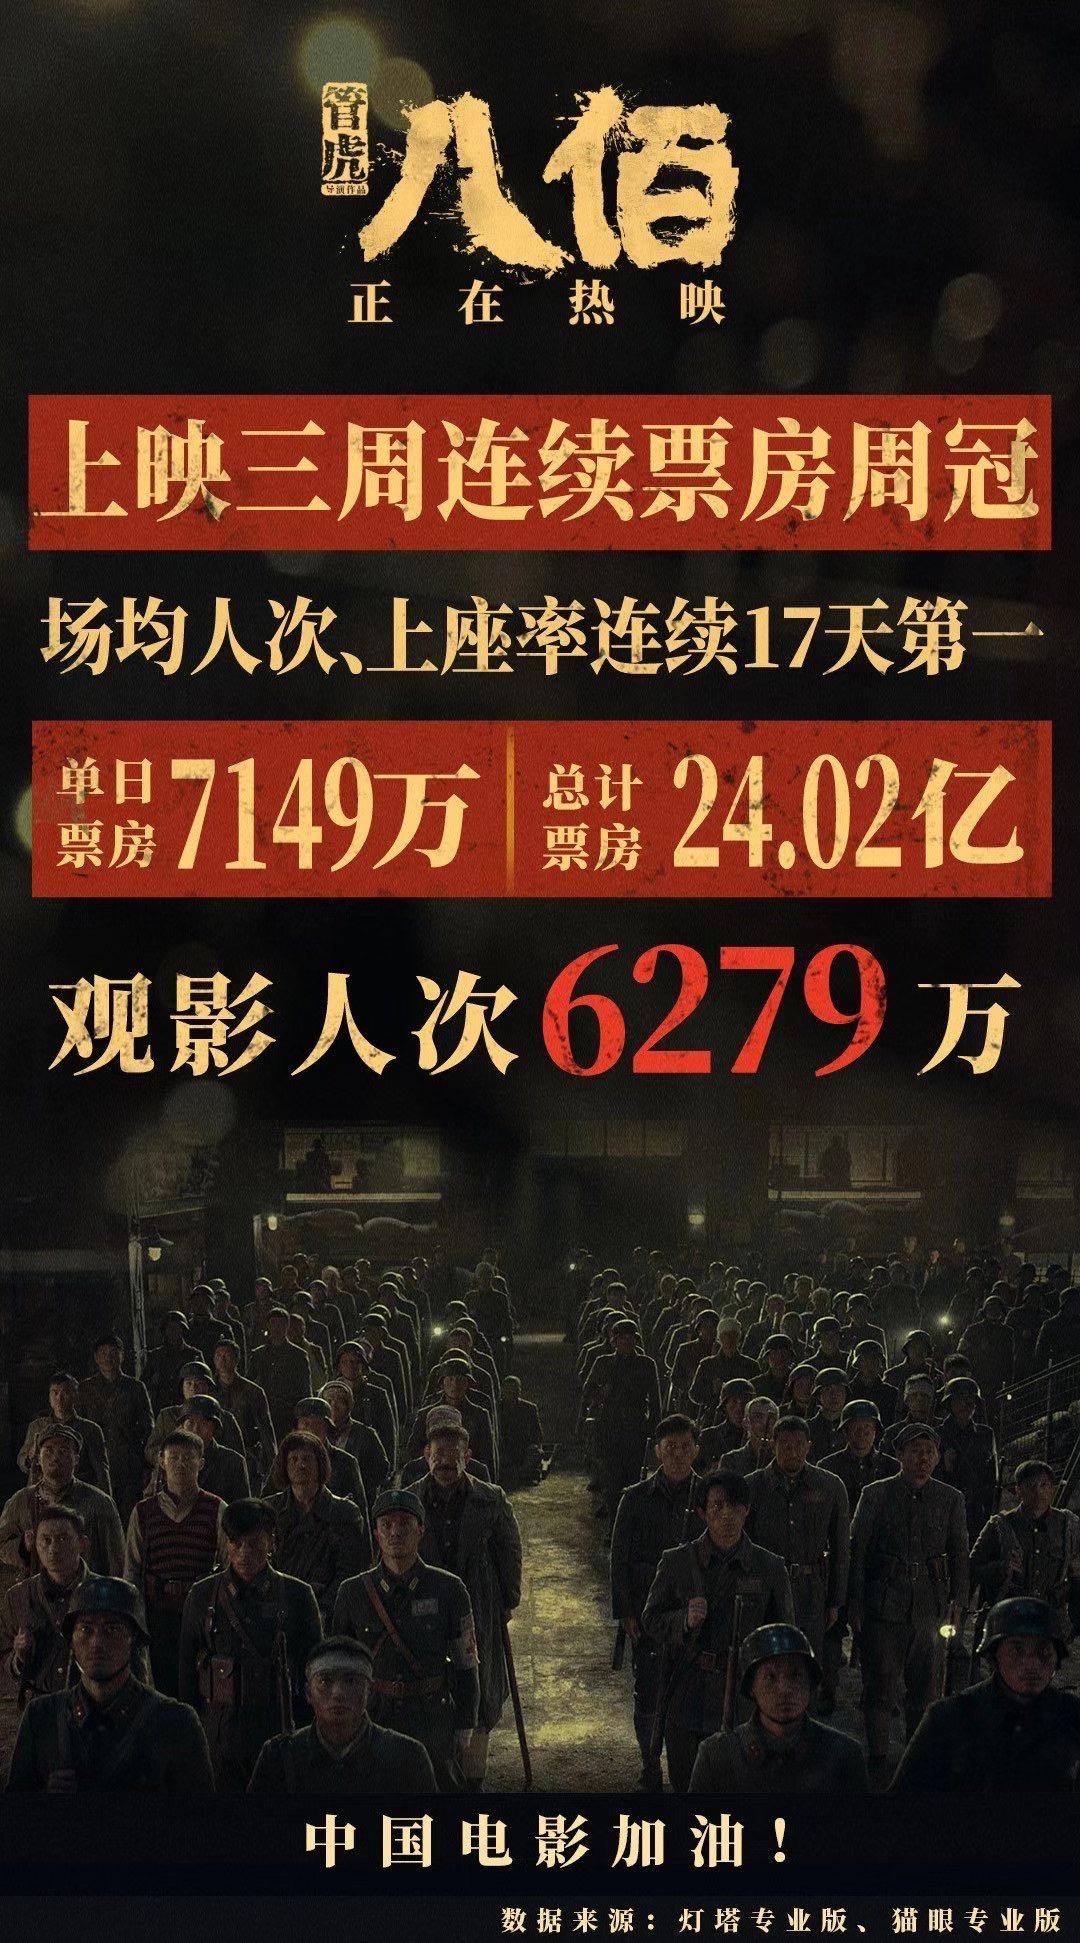 《八佰》的总票房已超过24亿元人民币